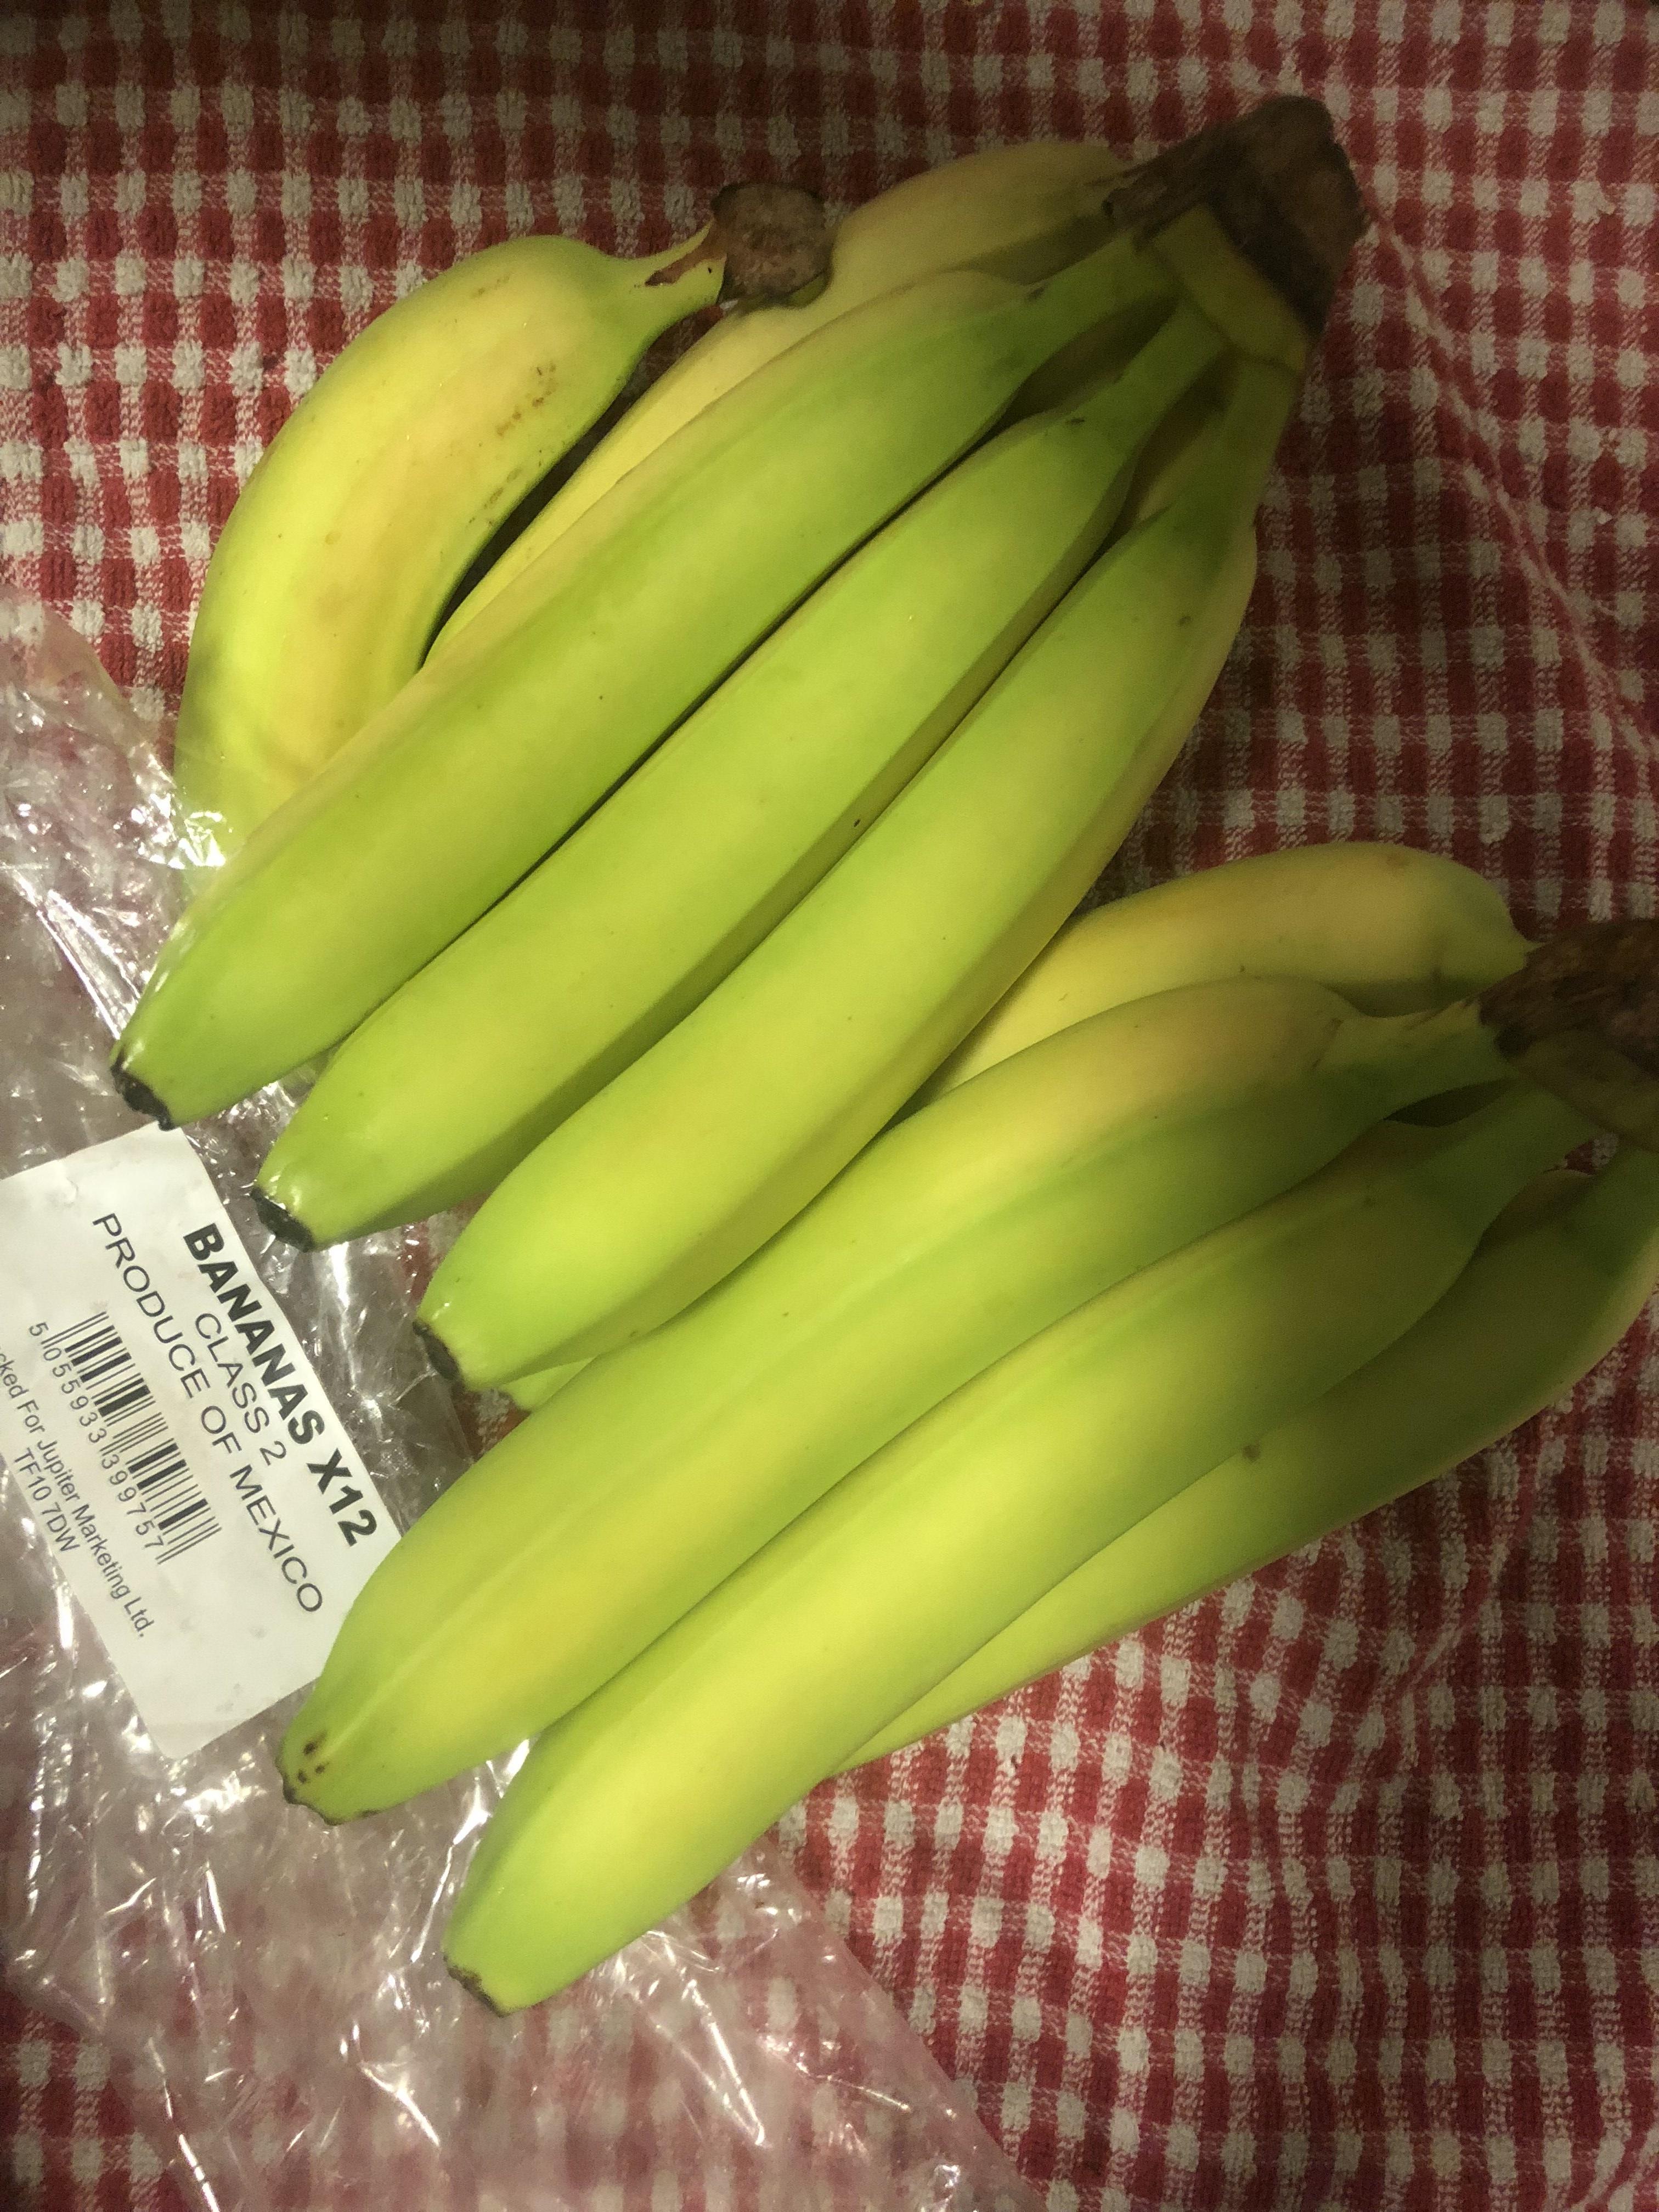 Bag of 12 bananas @ farmfoods - £1.79